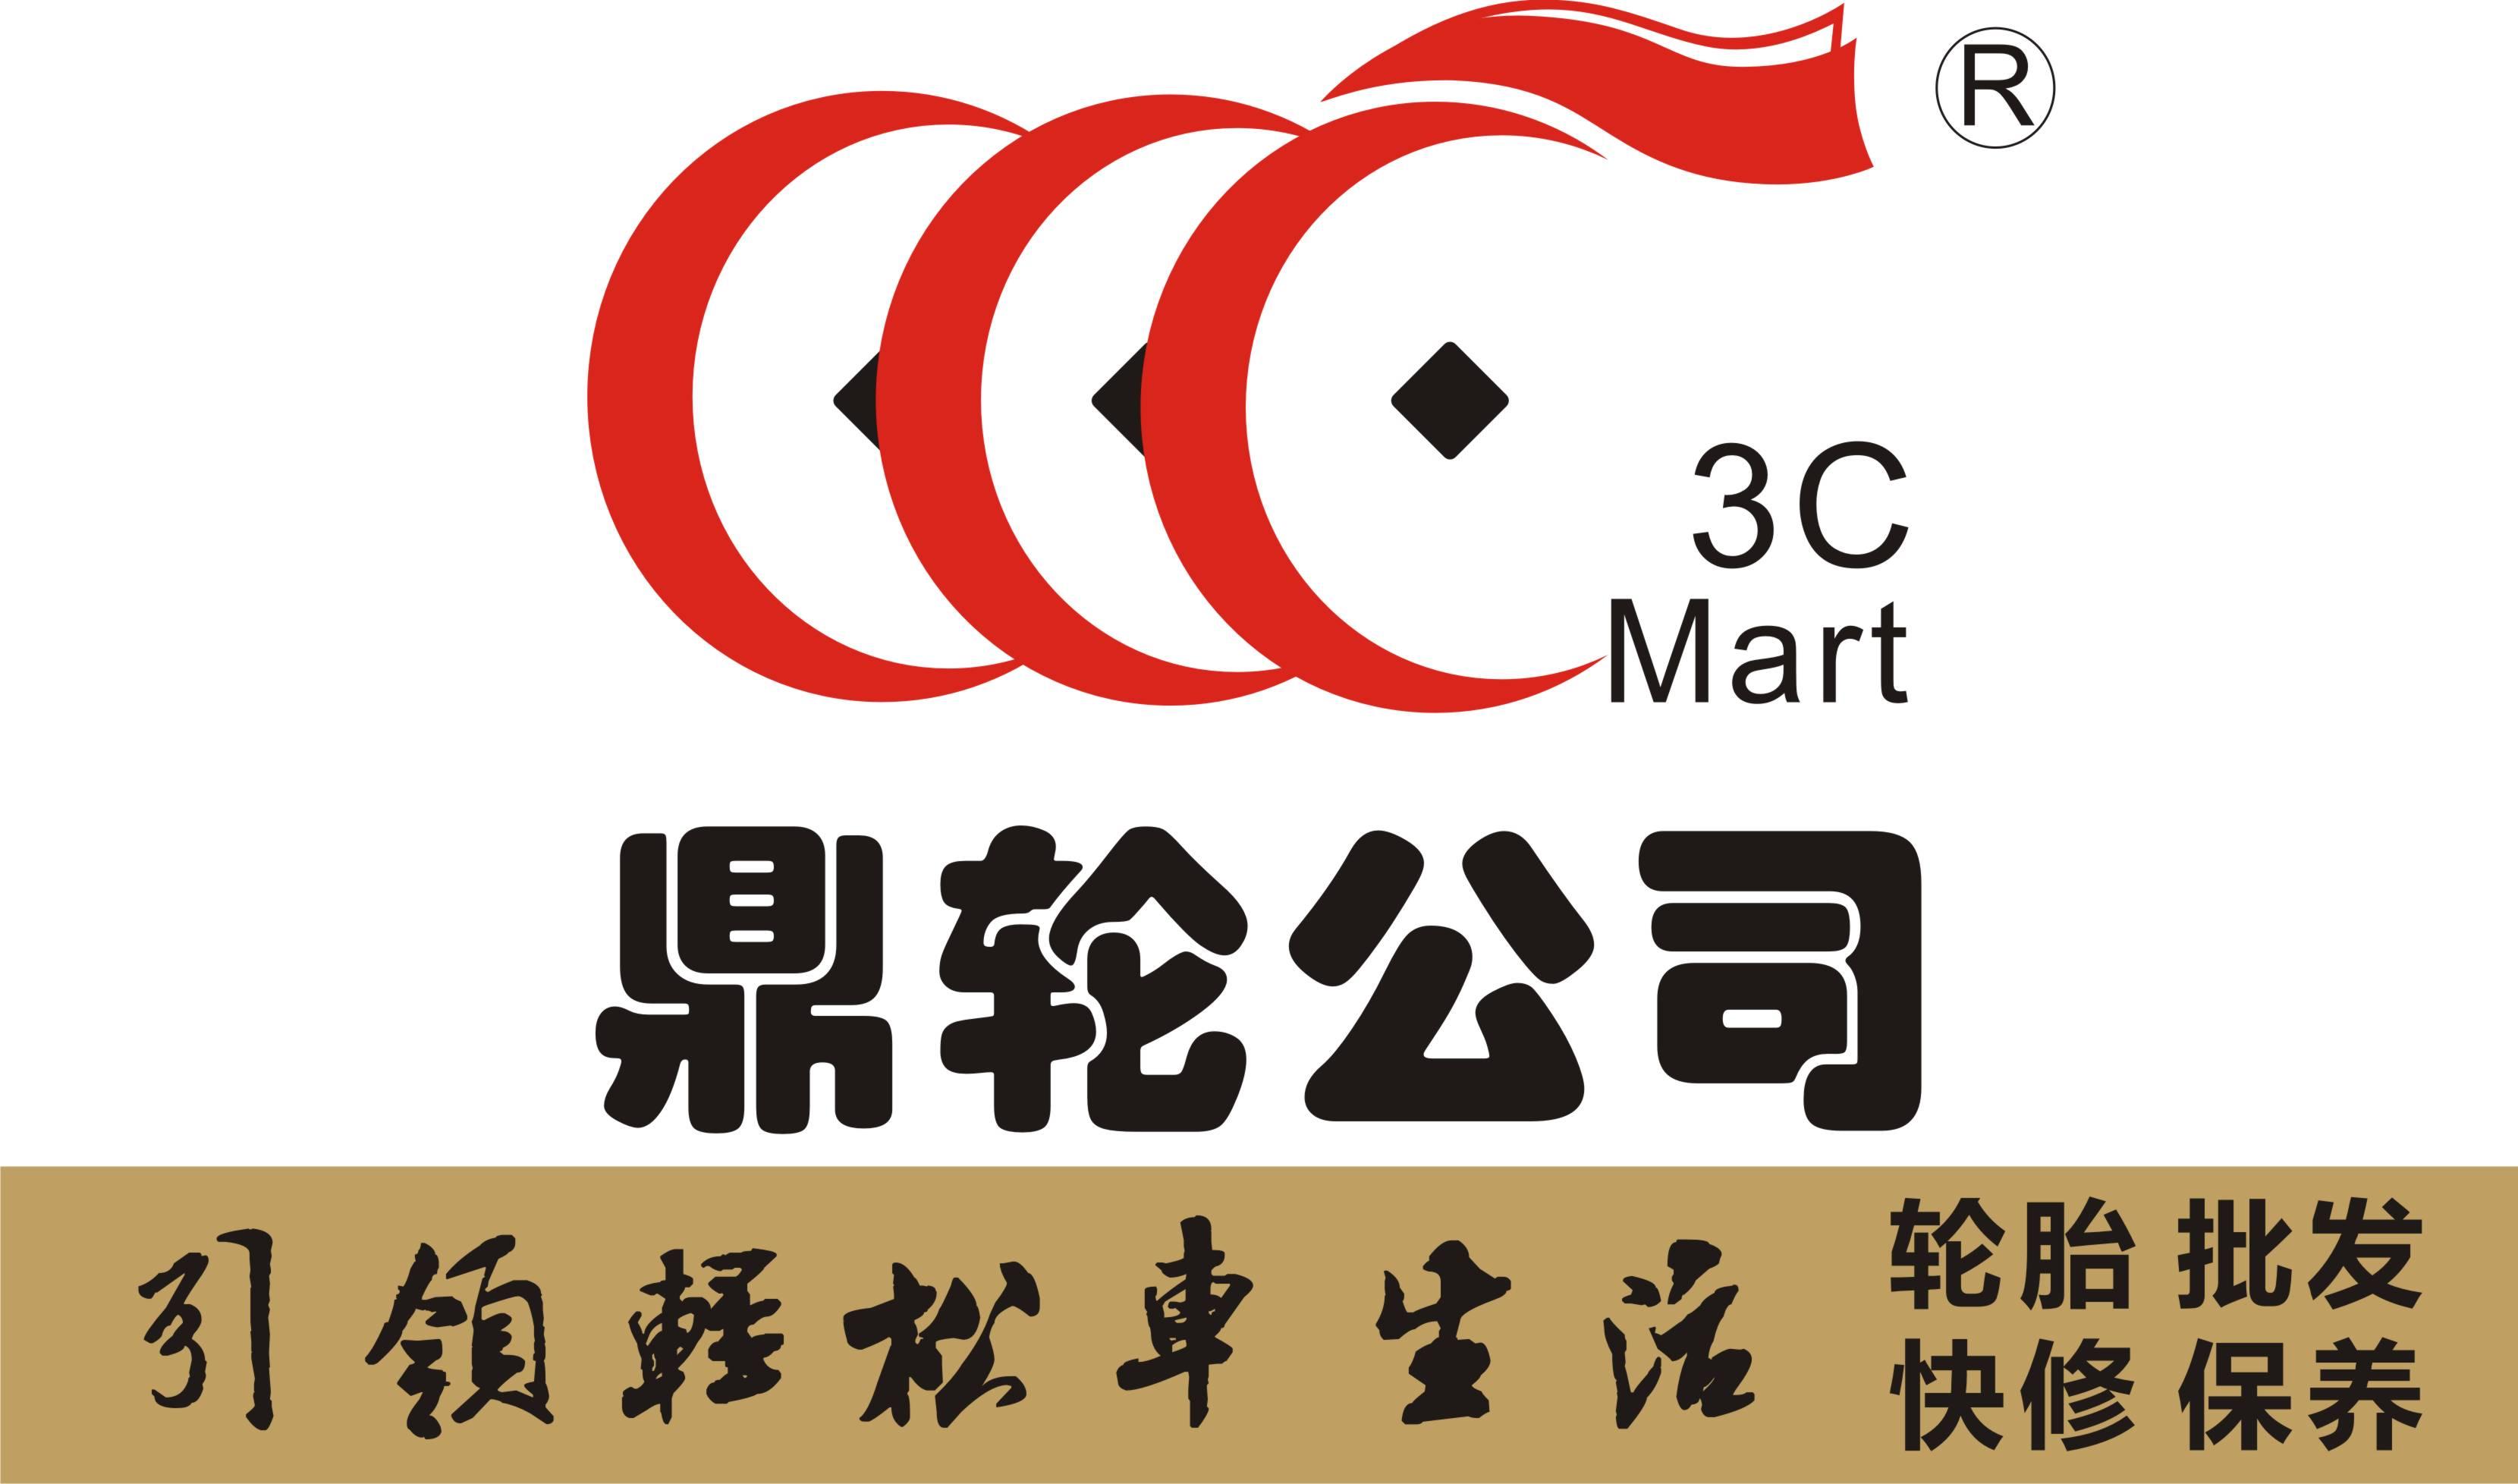 广州鼎轮贸易有限公司